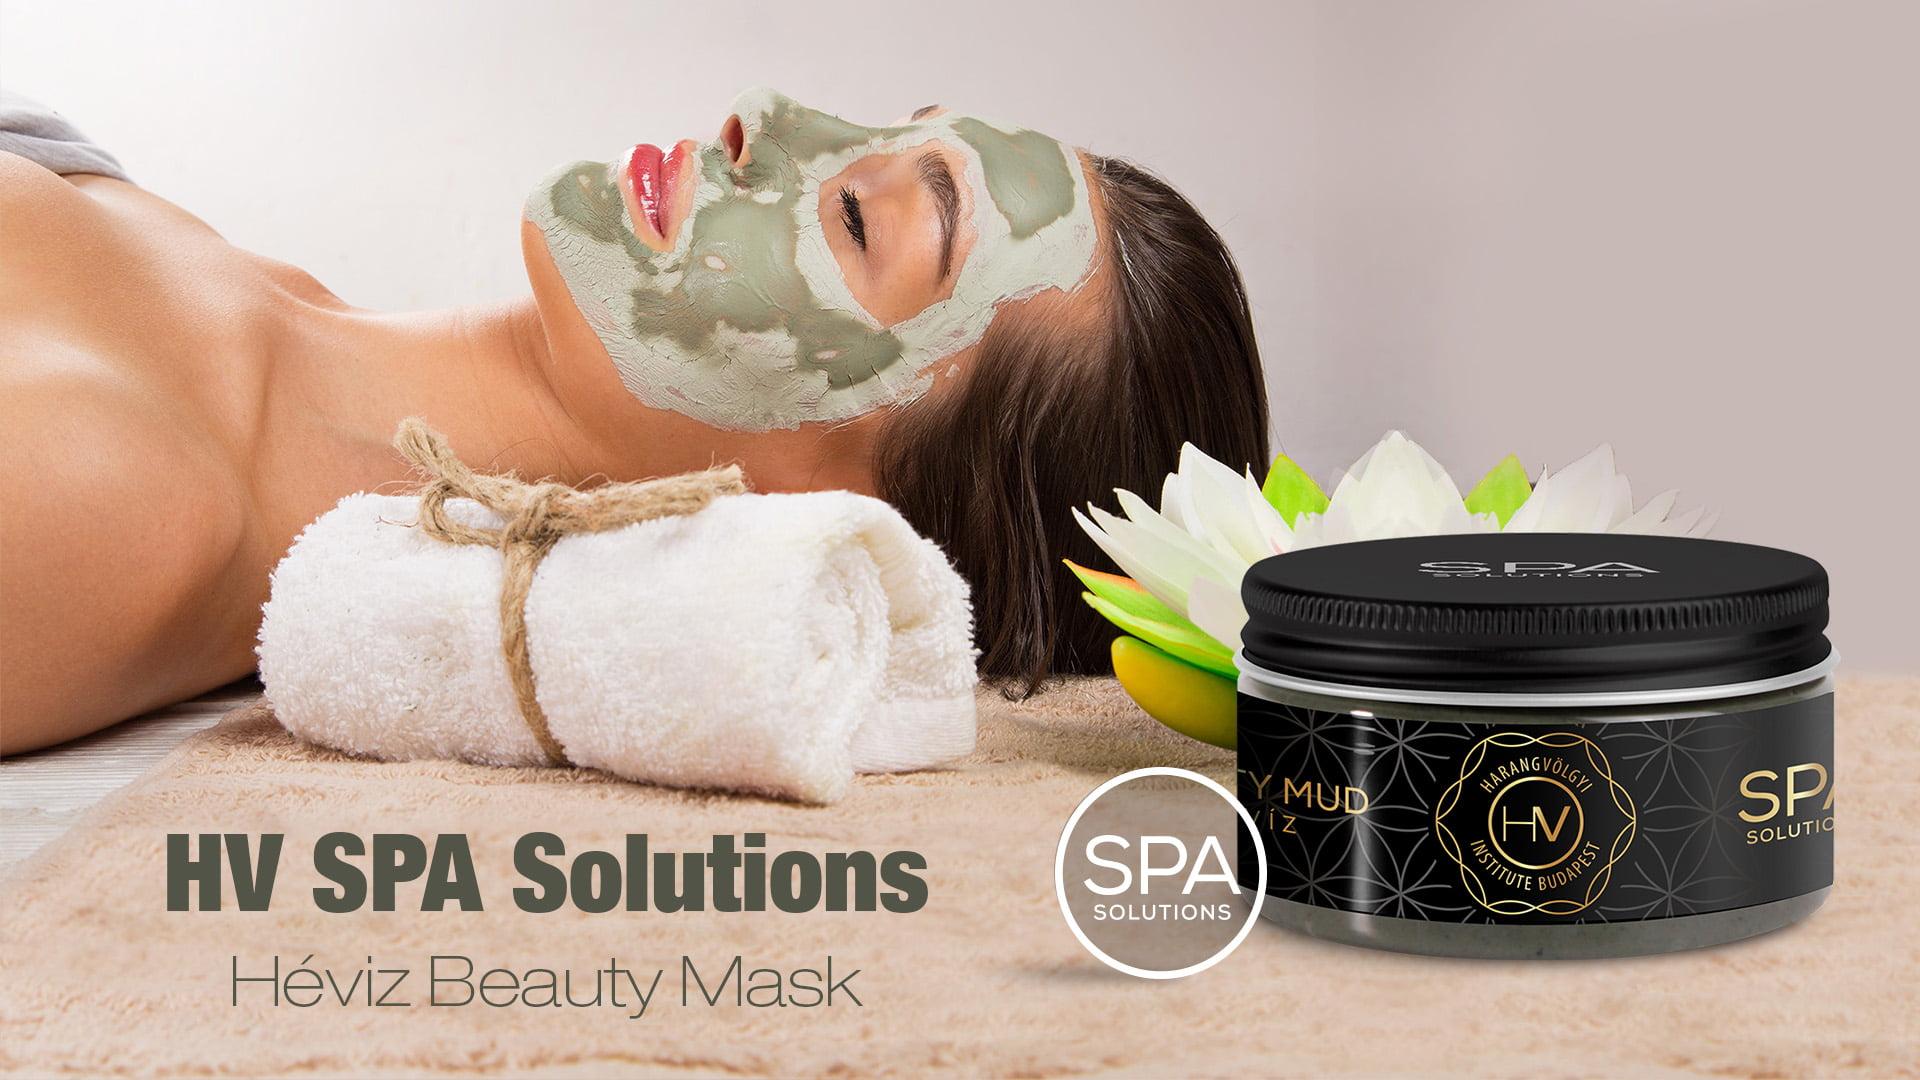 HV SPA Solutions Héviz Beauty Mask